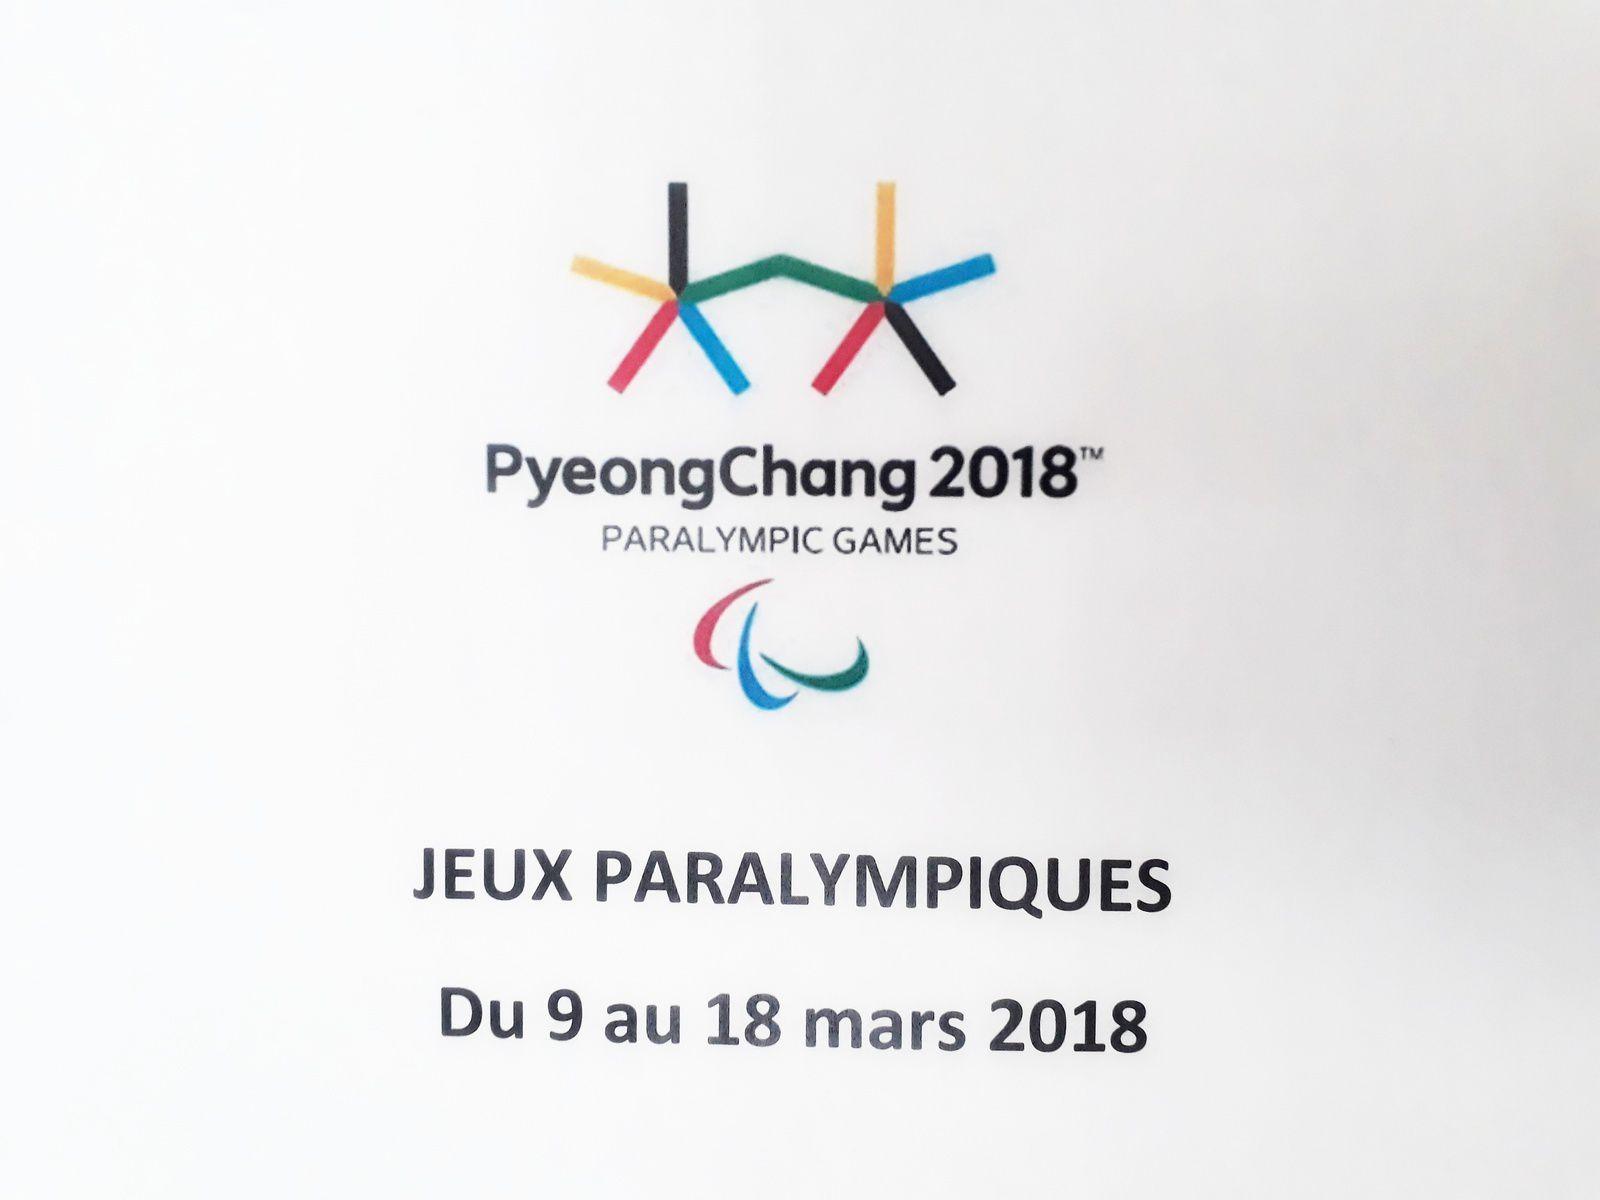 Notre avis sur les Jeux Paralympiques 2018